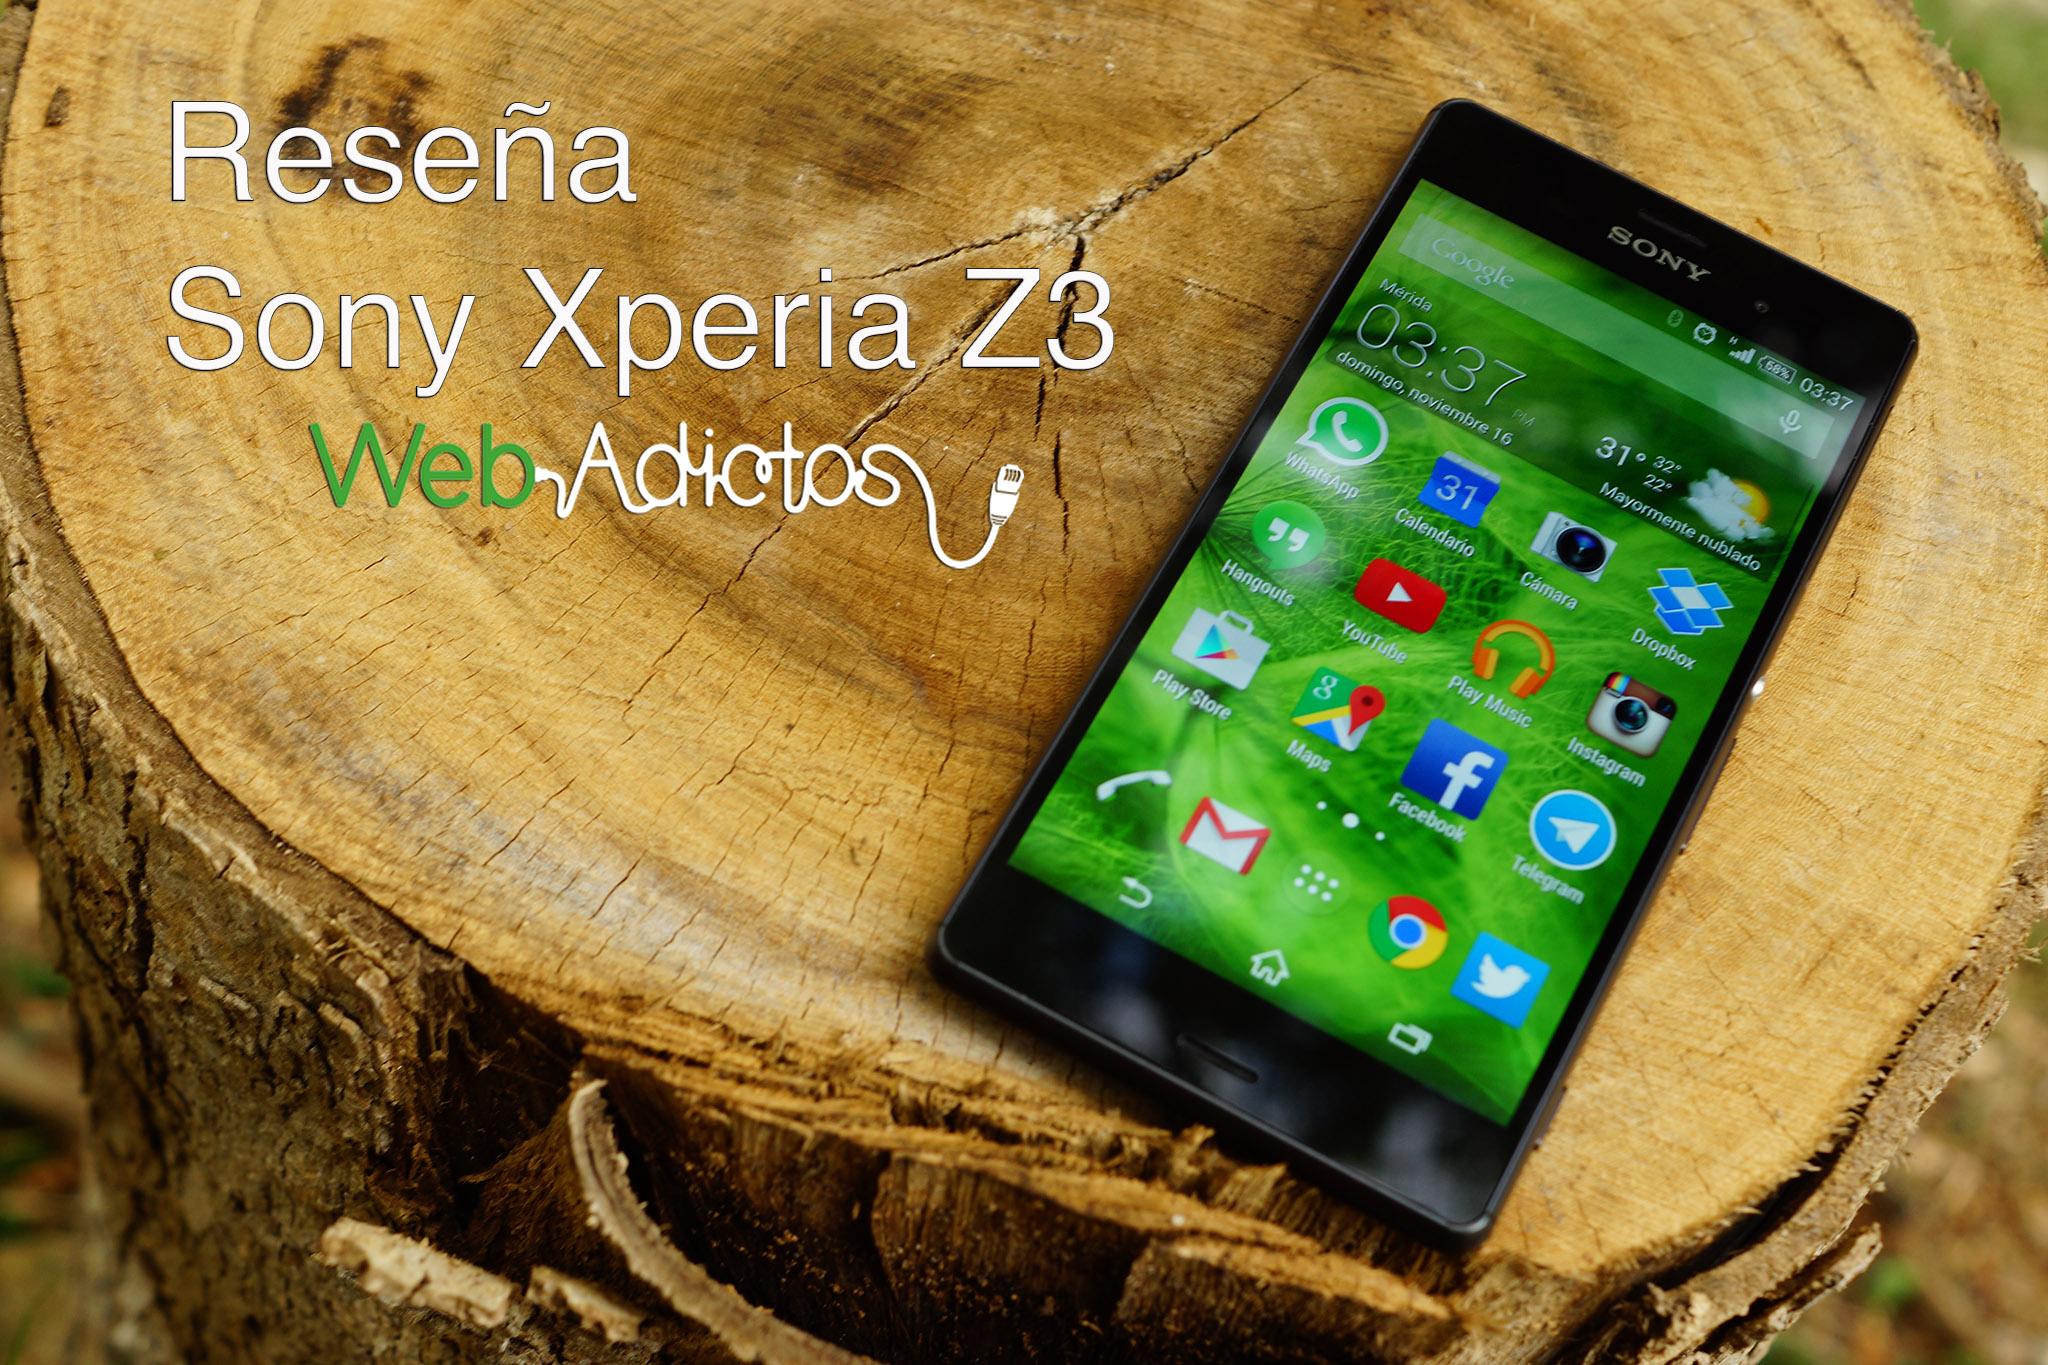 Sony Xperia Z3, una vez más, lo mejor de Sony en un smartphone [Reseña] - DSC06448-ttttt